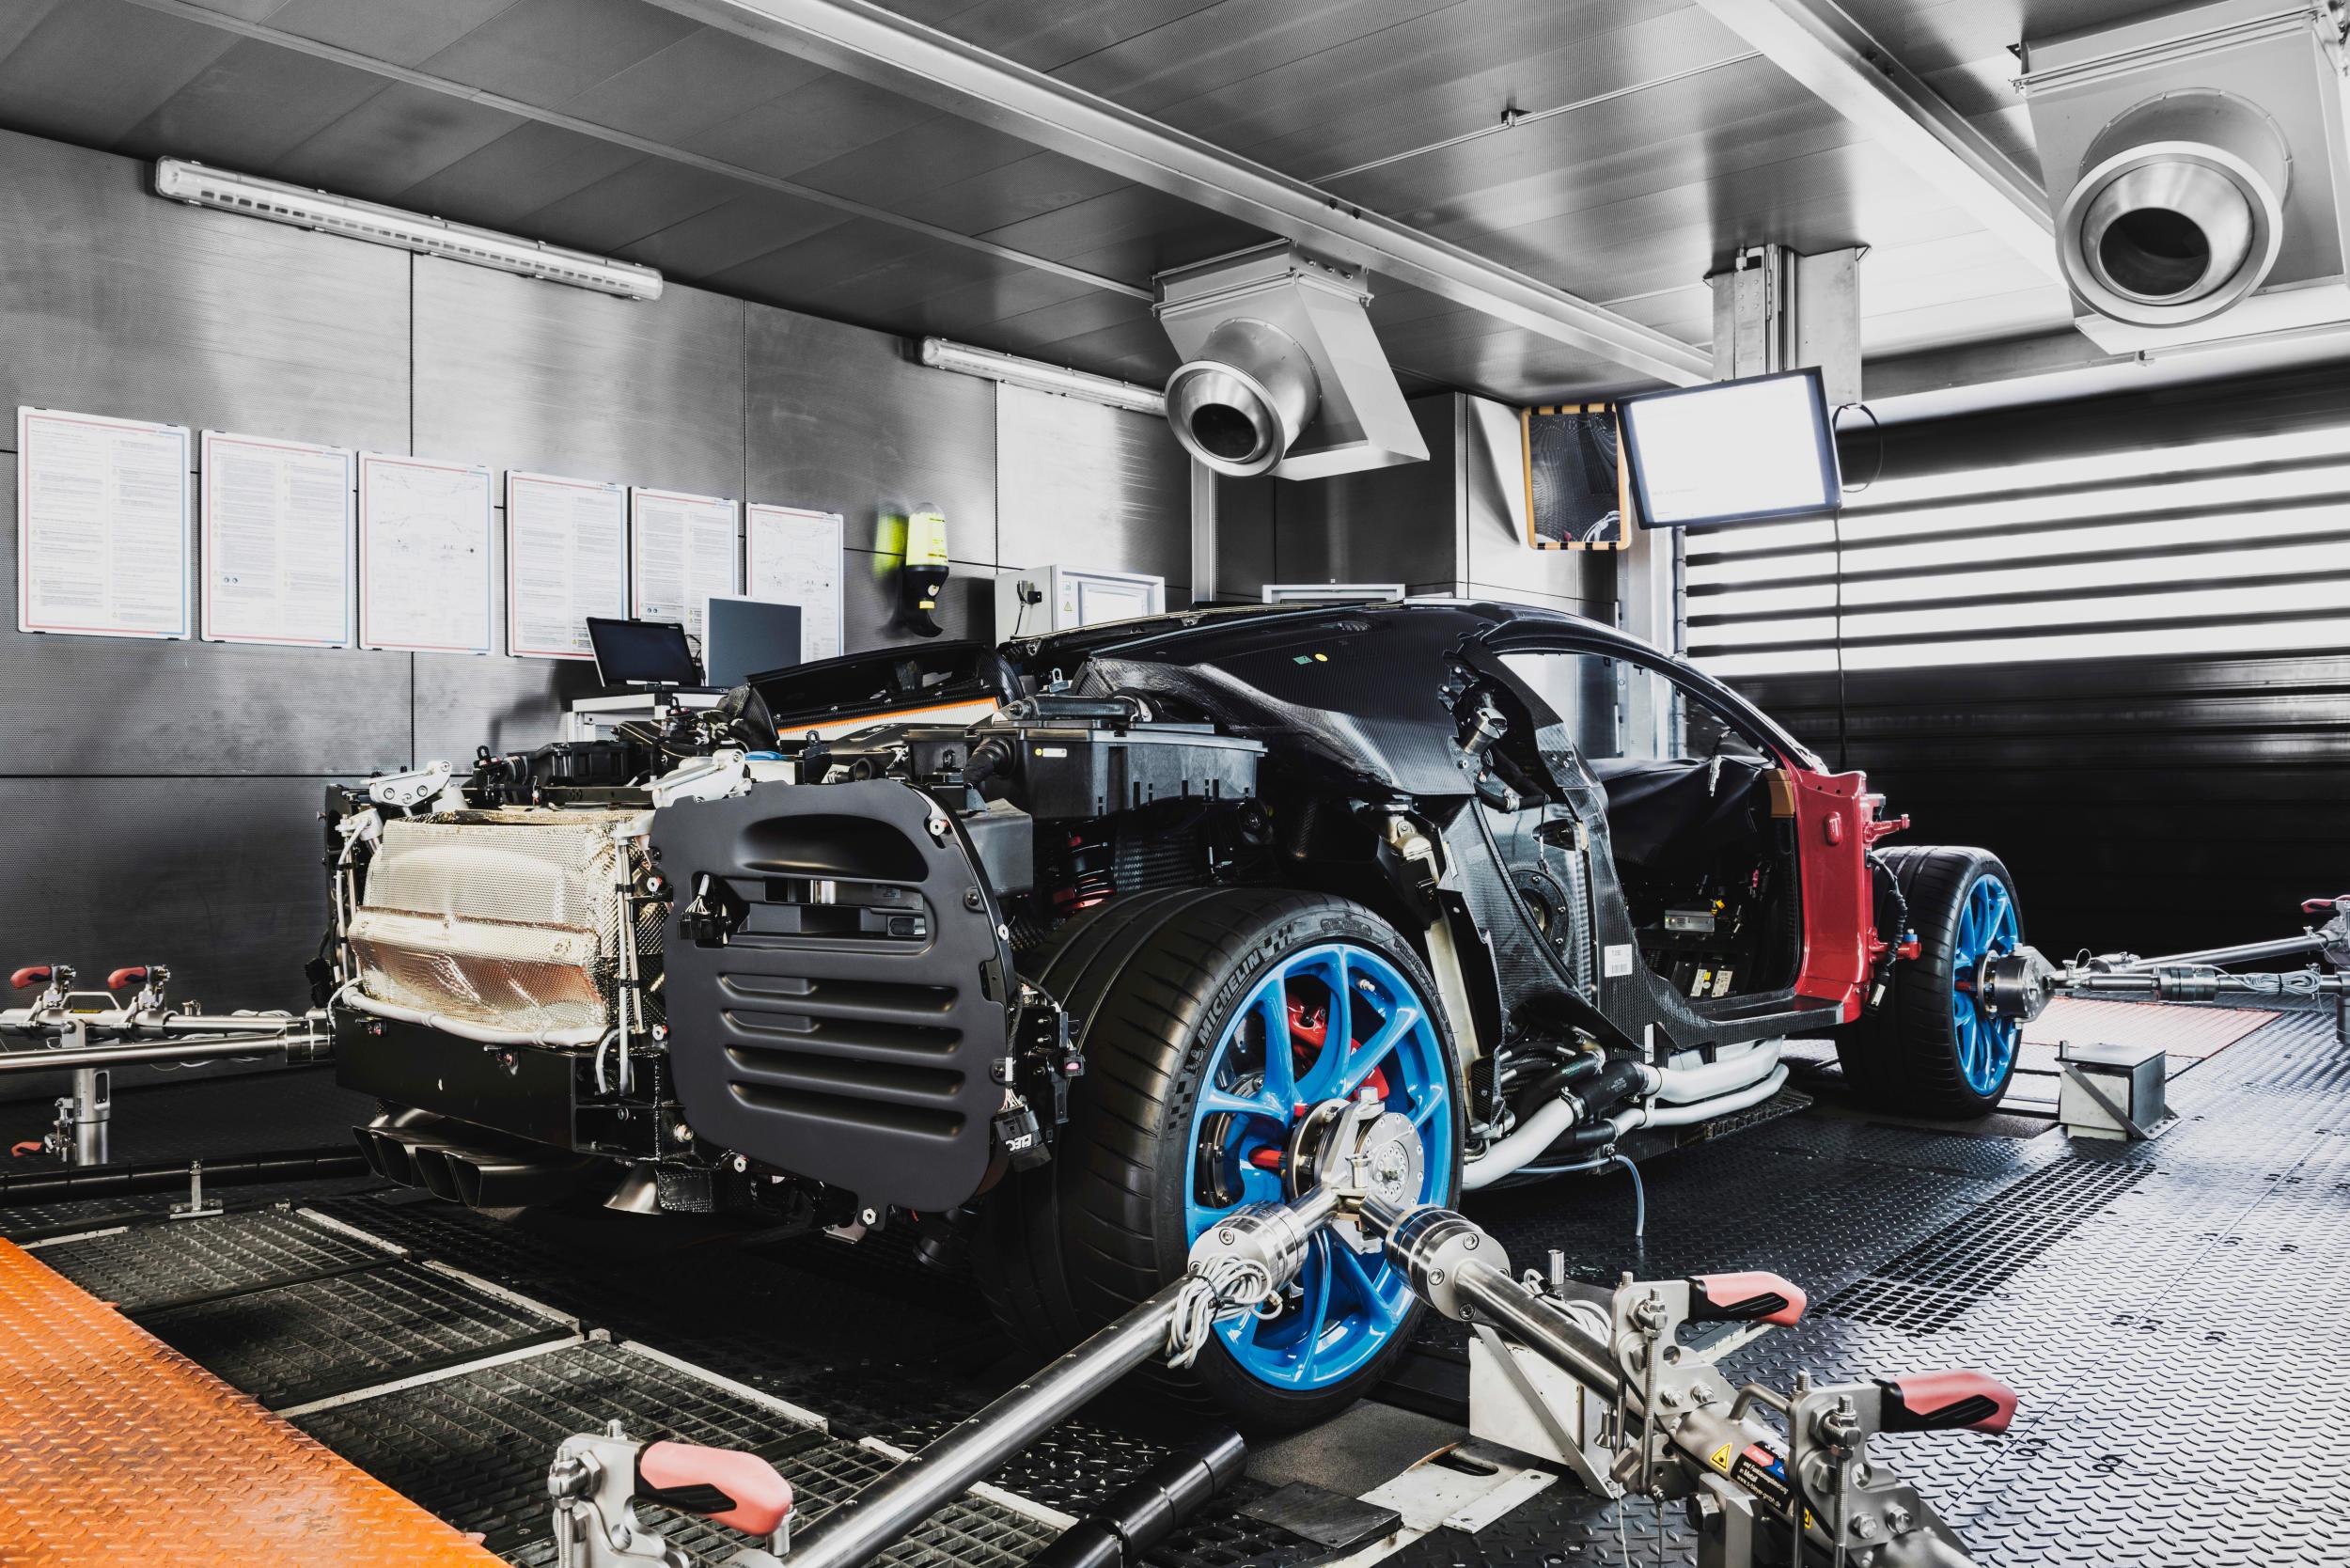 Bugatti chiron fabriek MAN MAN 7